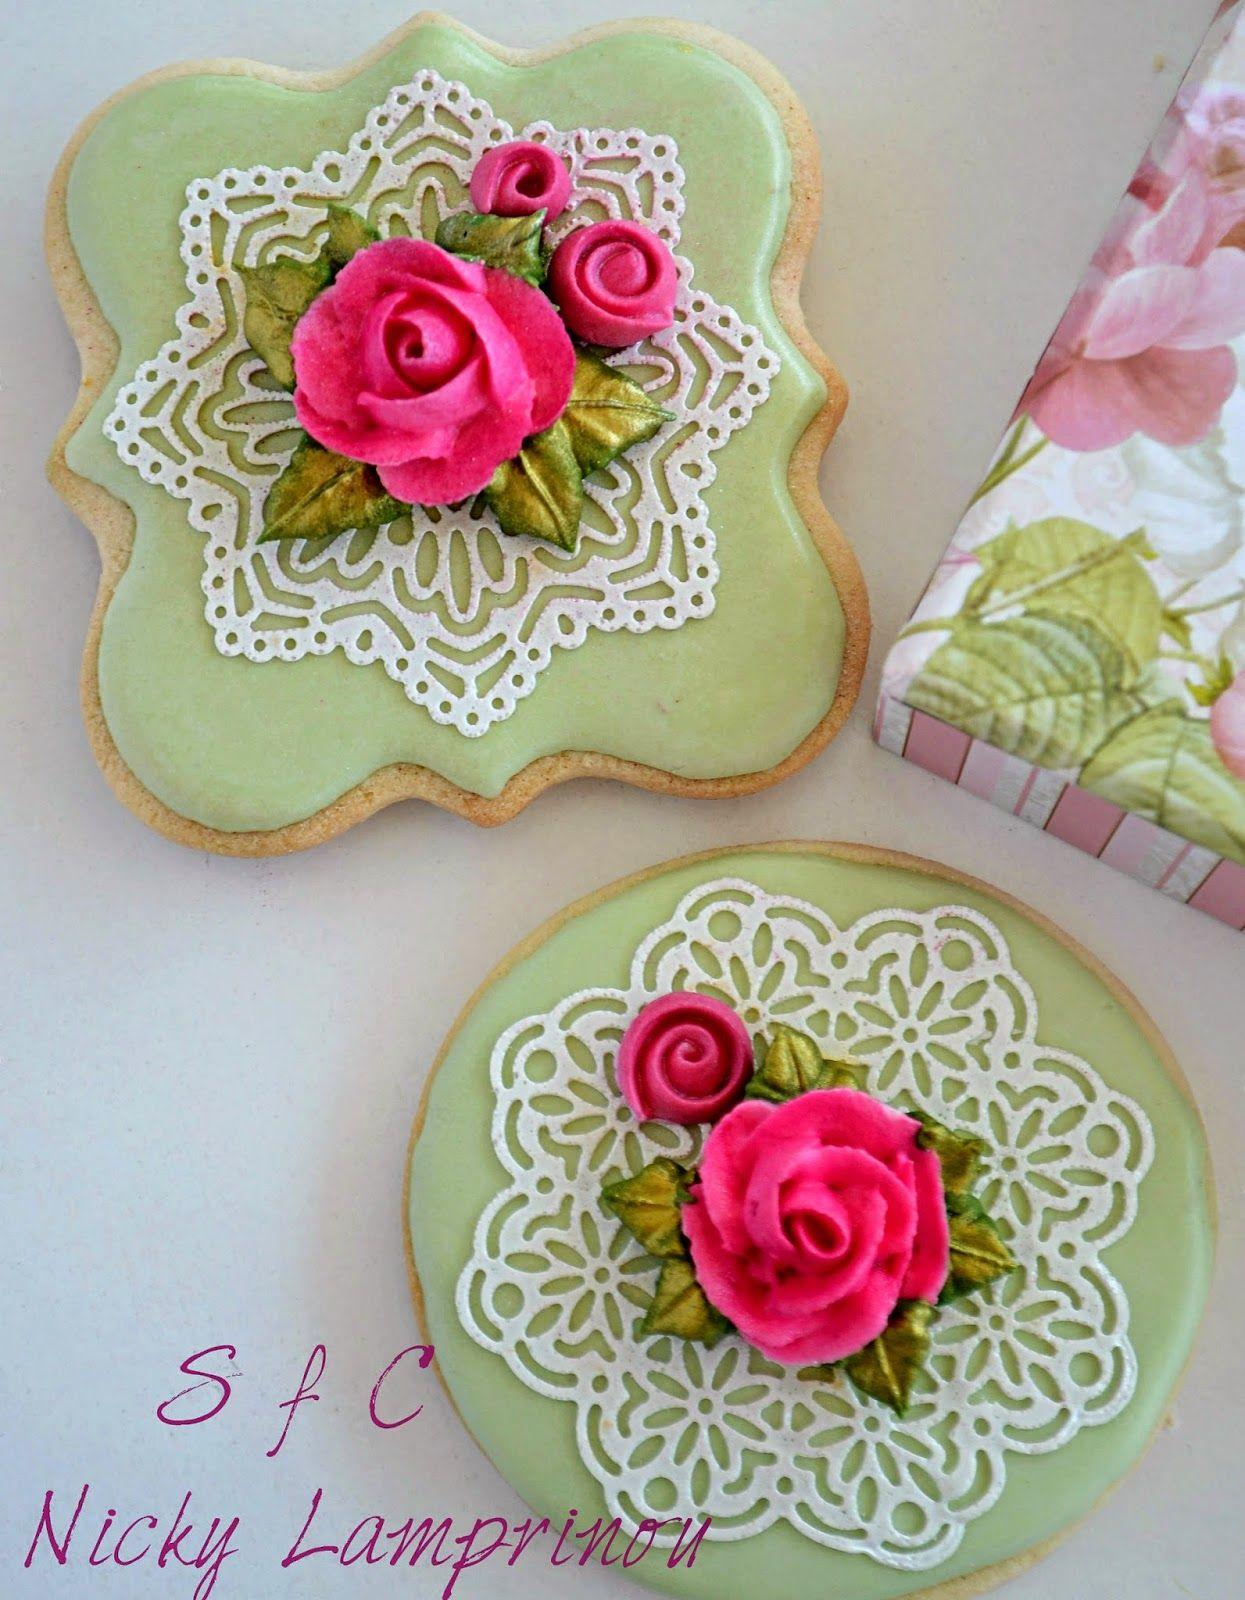 Efedfcbbf Mini Frosting Roses